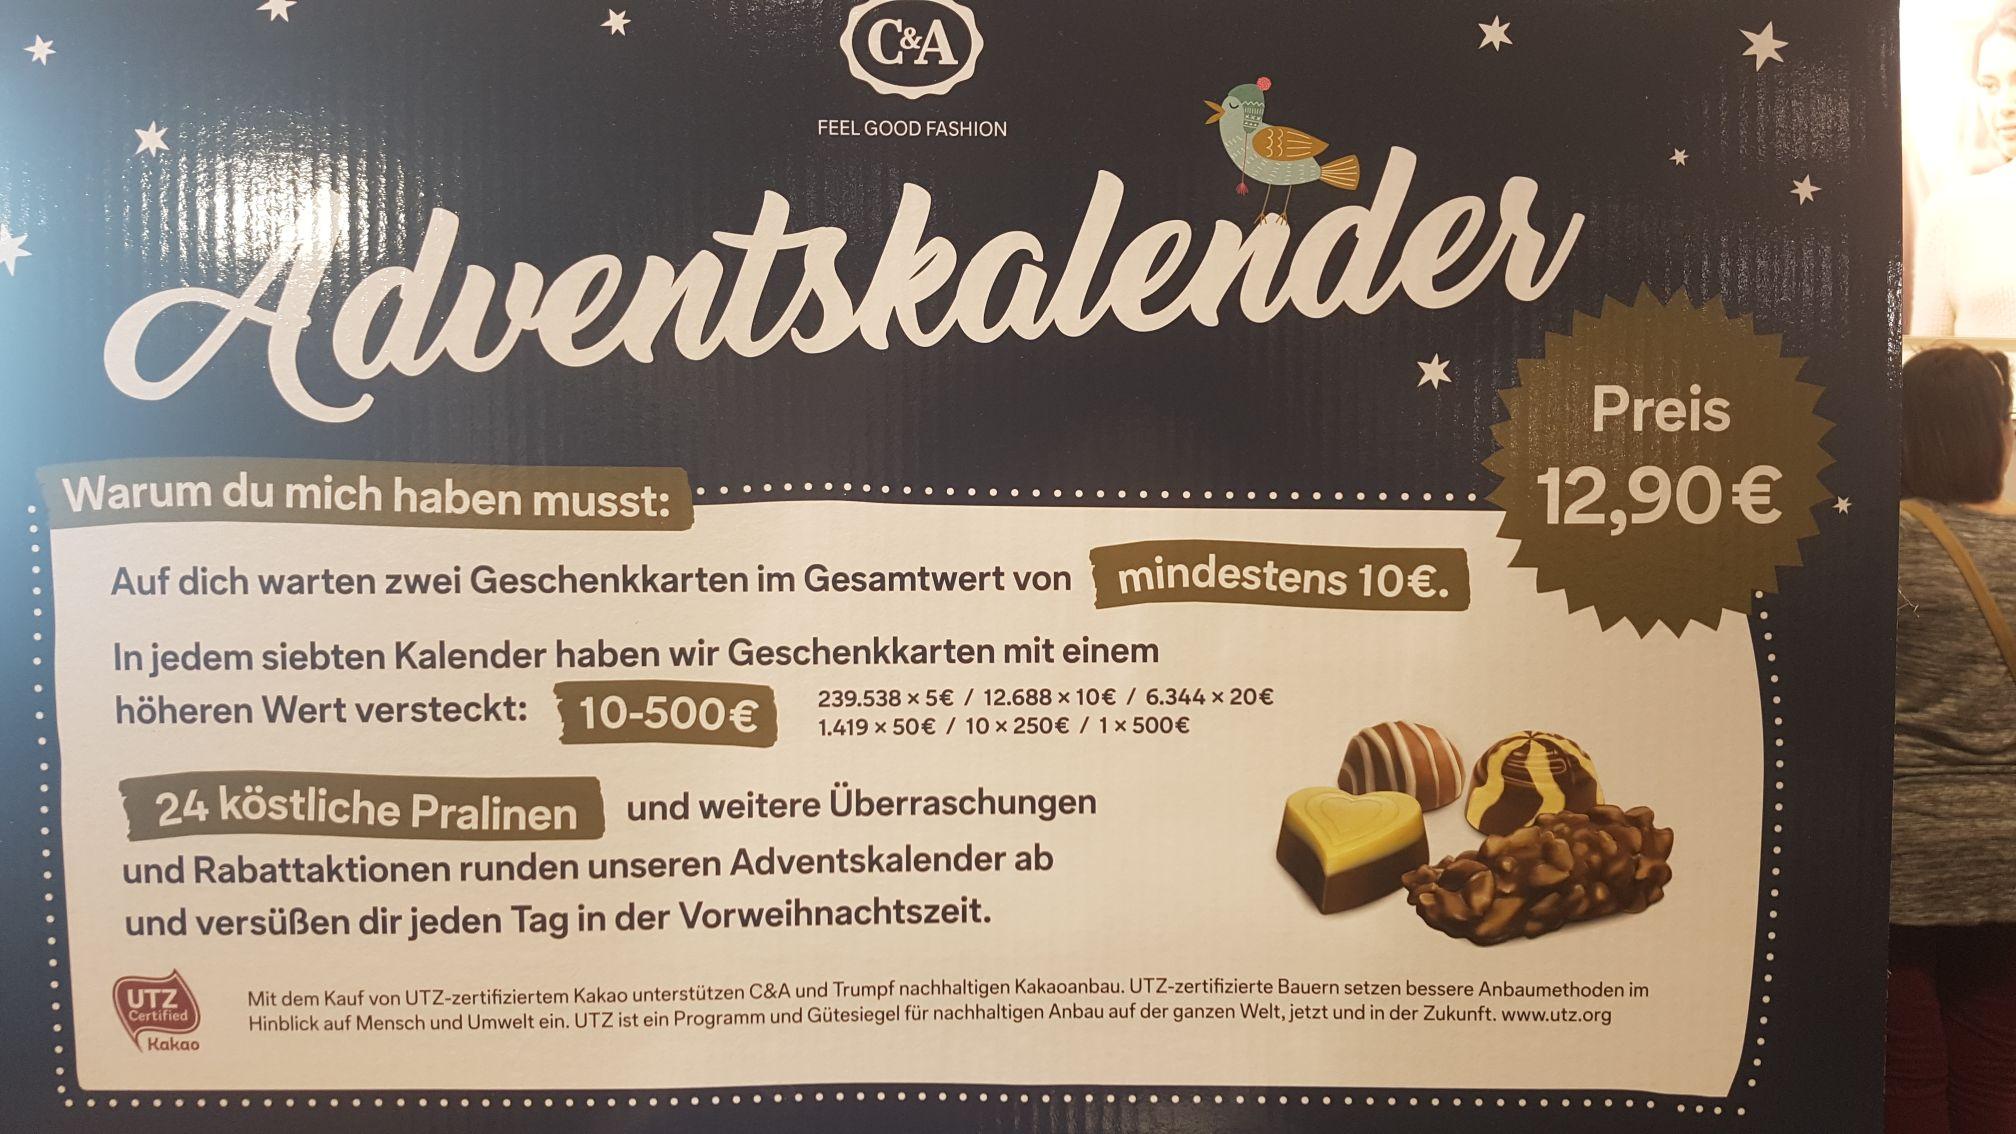 C & A Adventskalender mit Gutscheinen